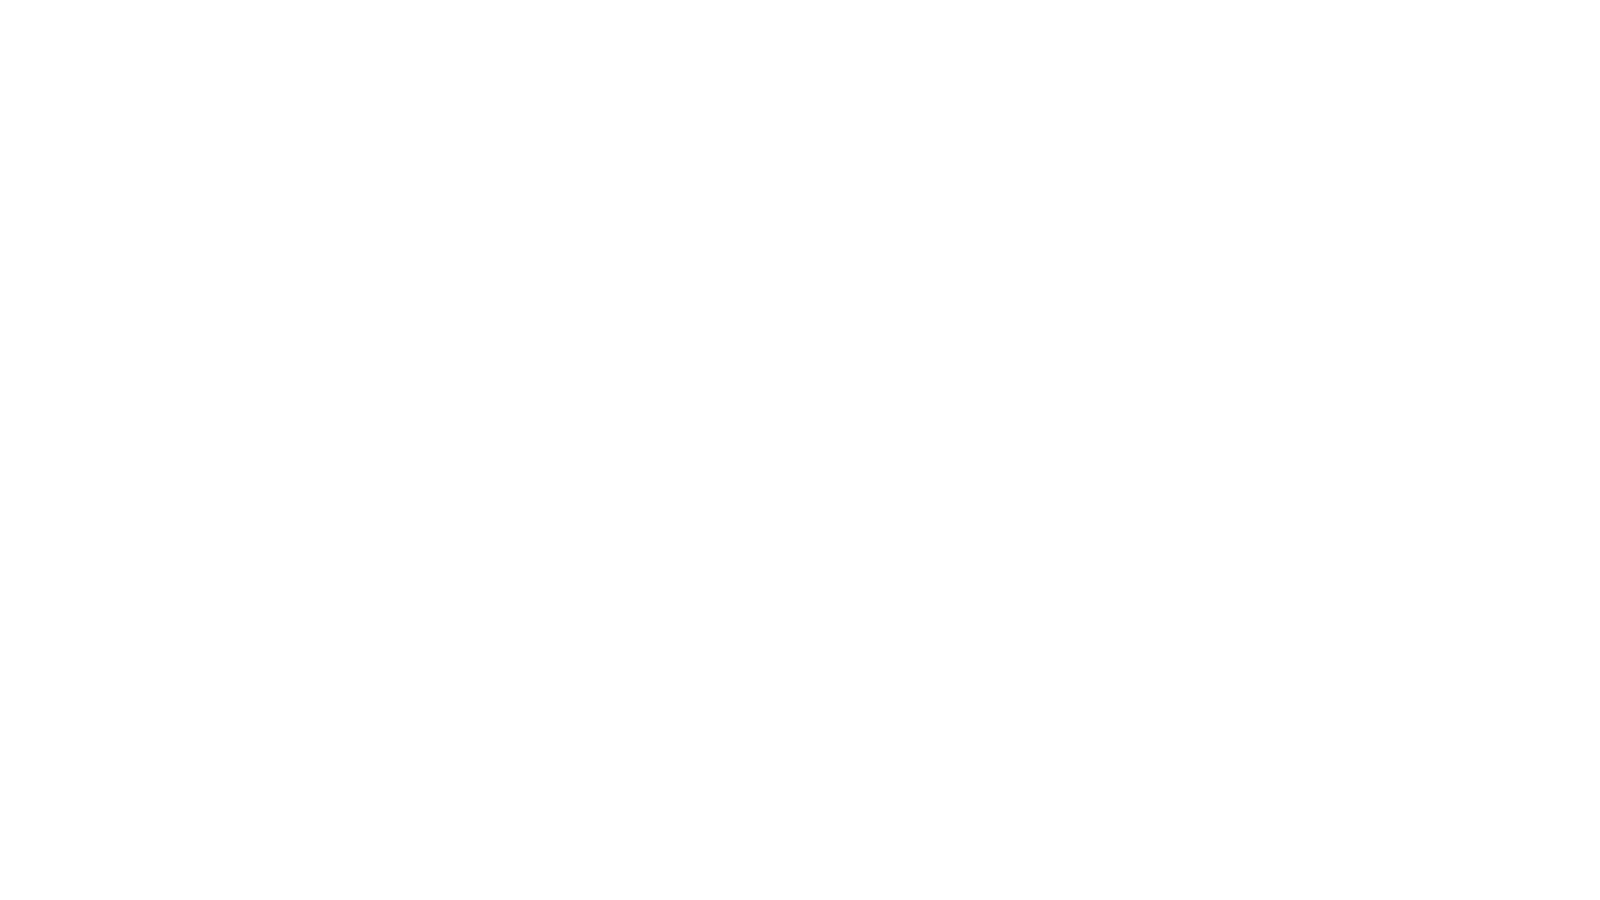 In einer Ebay-Auktion verkaufe ich mein Stempelheft der Harzer Wandernadel für den Harzer Wanderkaiser. 221 Stempel sind gestempelt und 1 eingeklebt. #wanderkaiser  Hier geht's zur Auktion: https://www.ebay.de/itm/274946922016  Lest Euch bitte den Text in der Auktion durch.